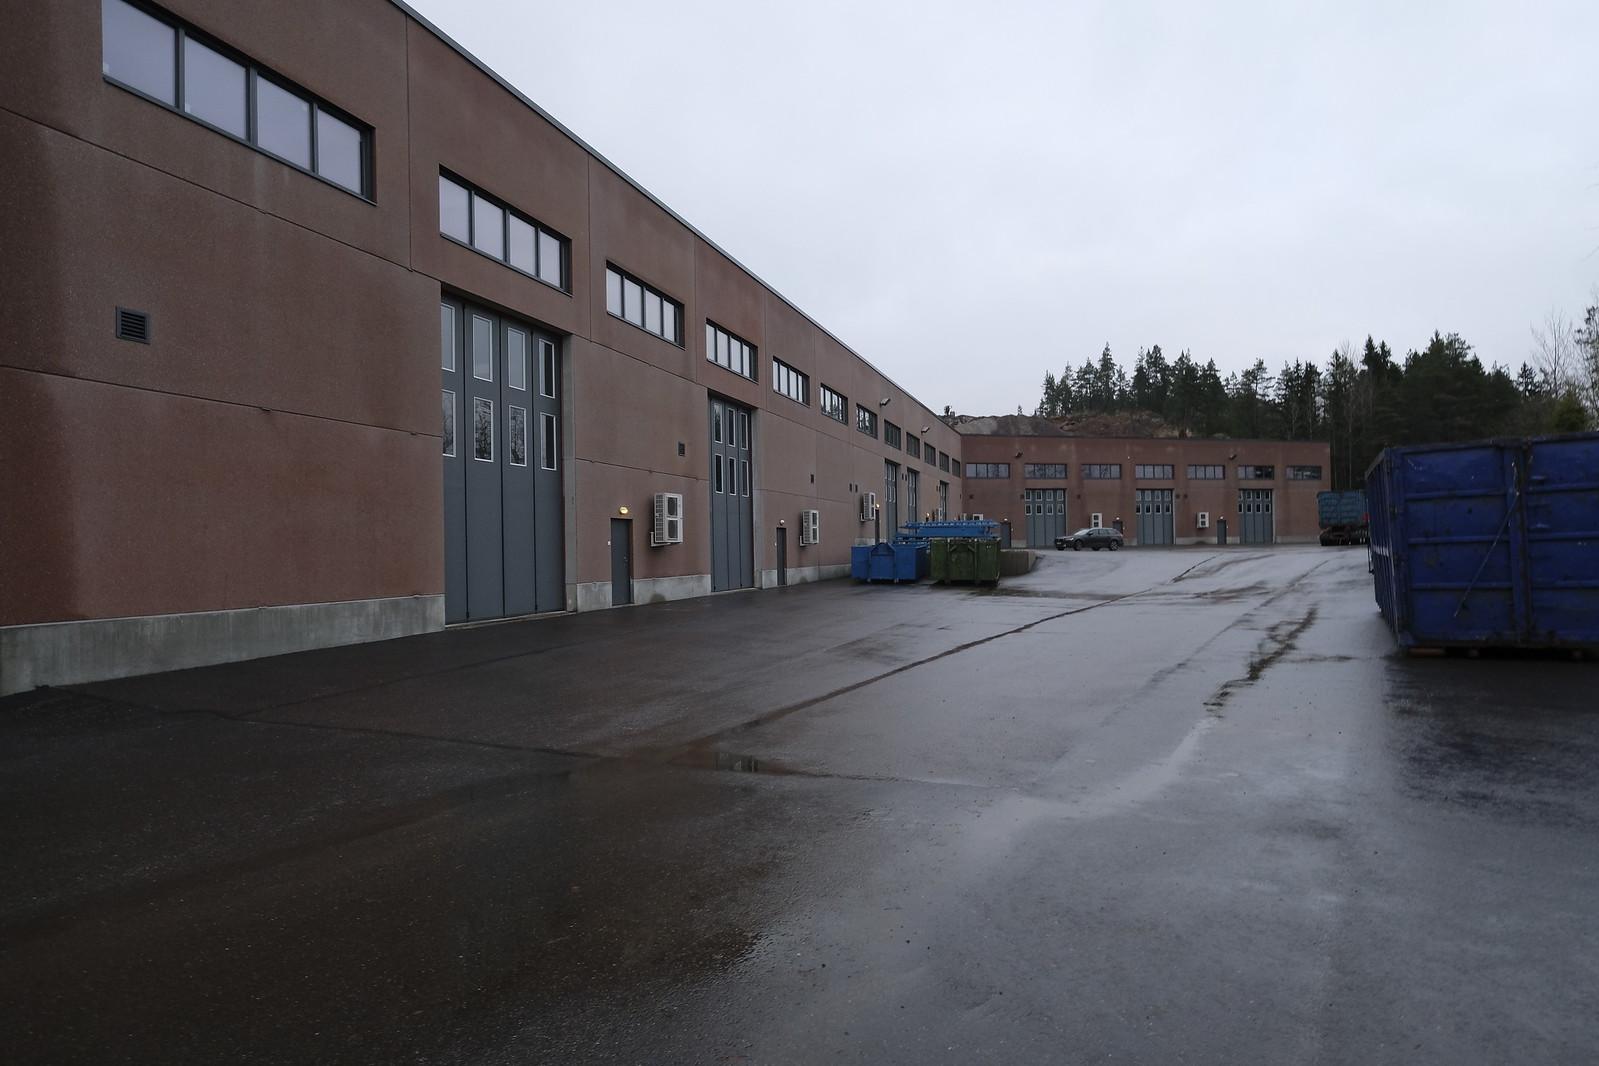 Vanha Turuntie 869, Nummenkylä, Nummela